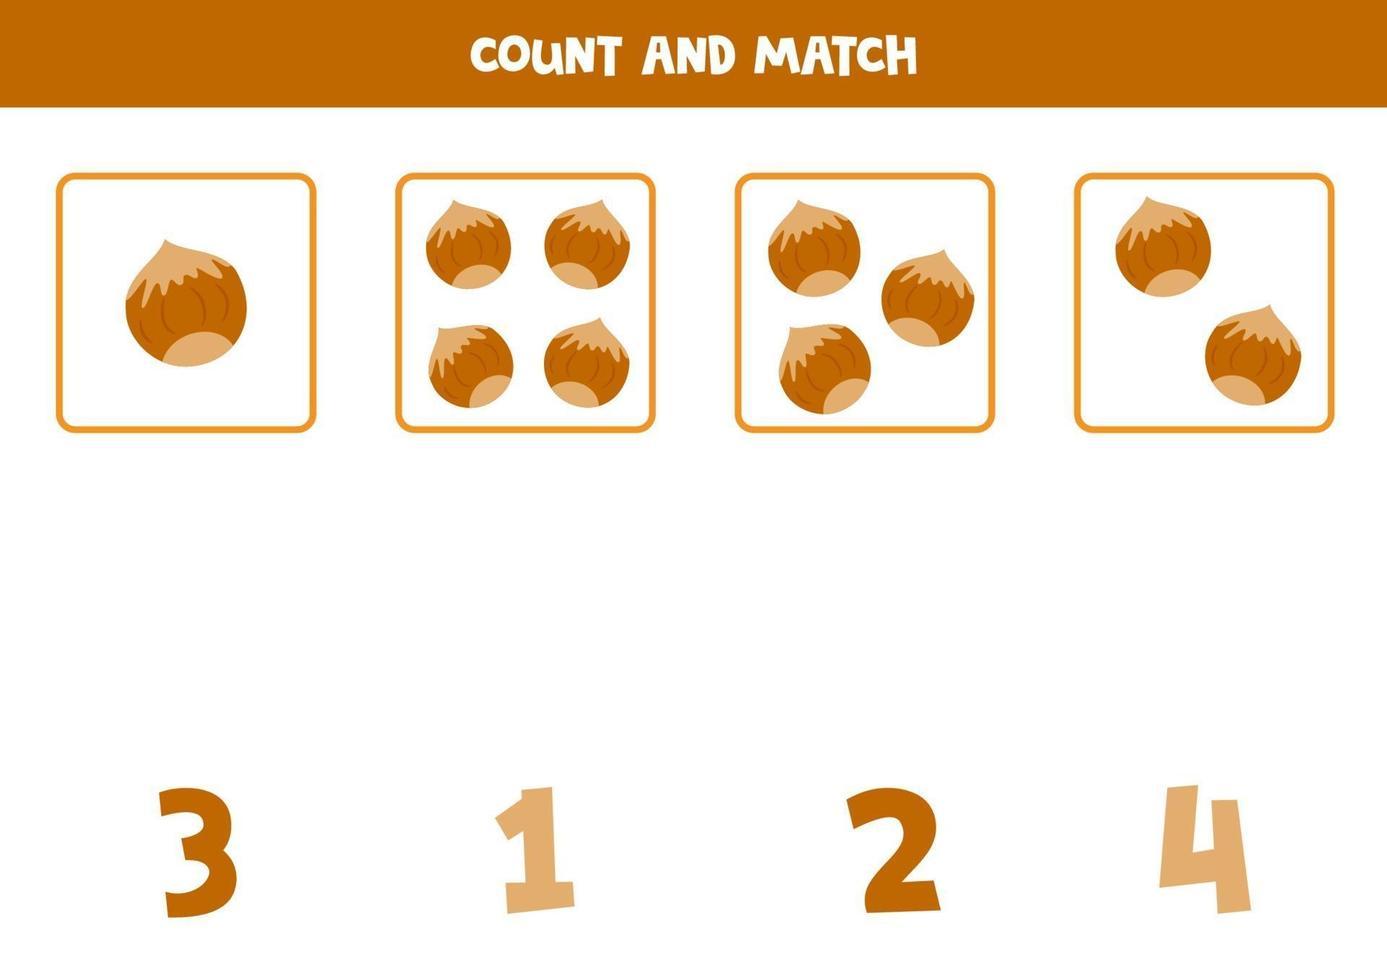 jeu de comptage avec des noix de dessin animé. jeu de mathématiques éducatif pour les enfants. vecteur